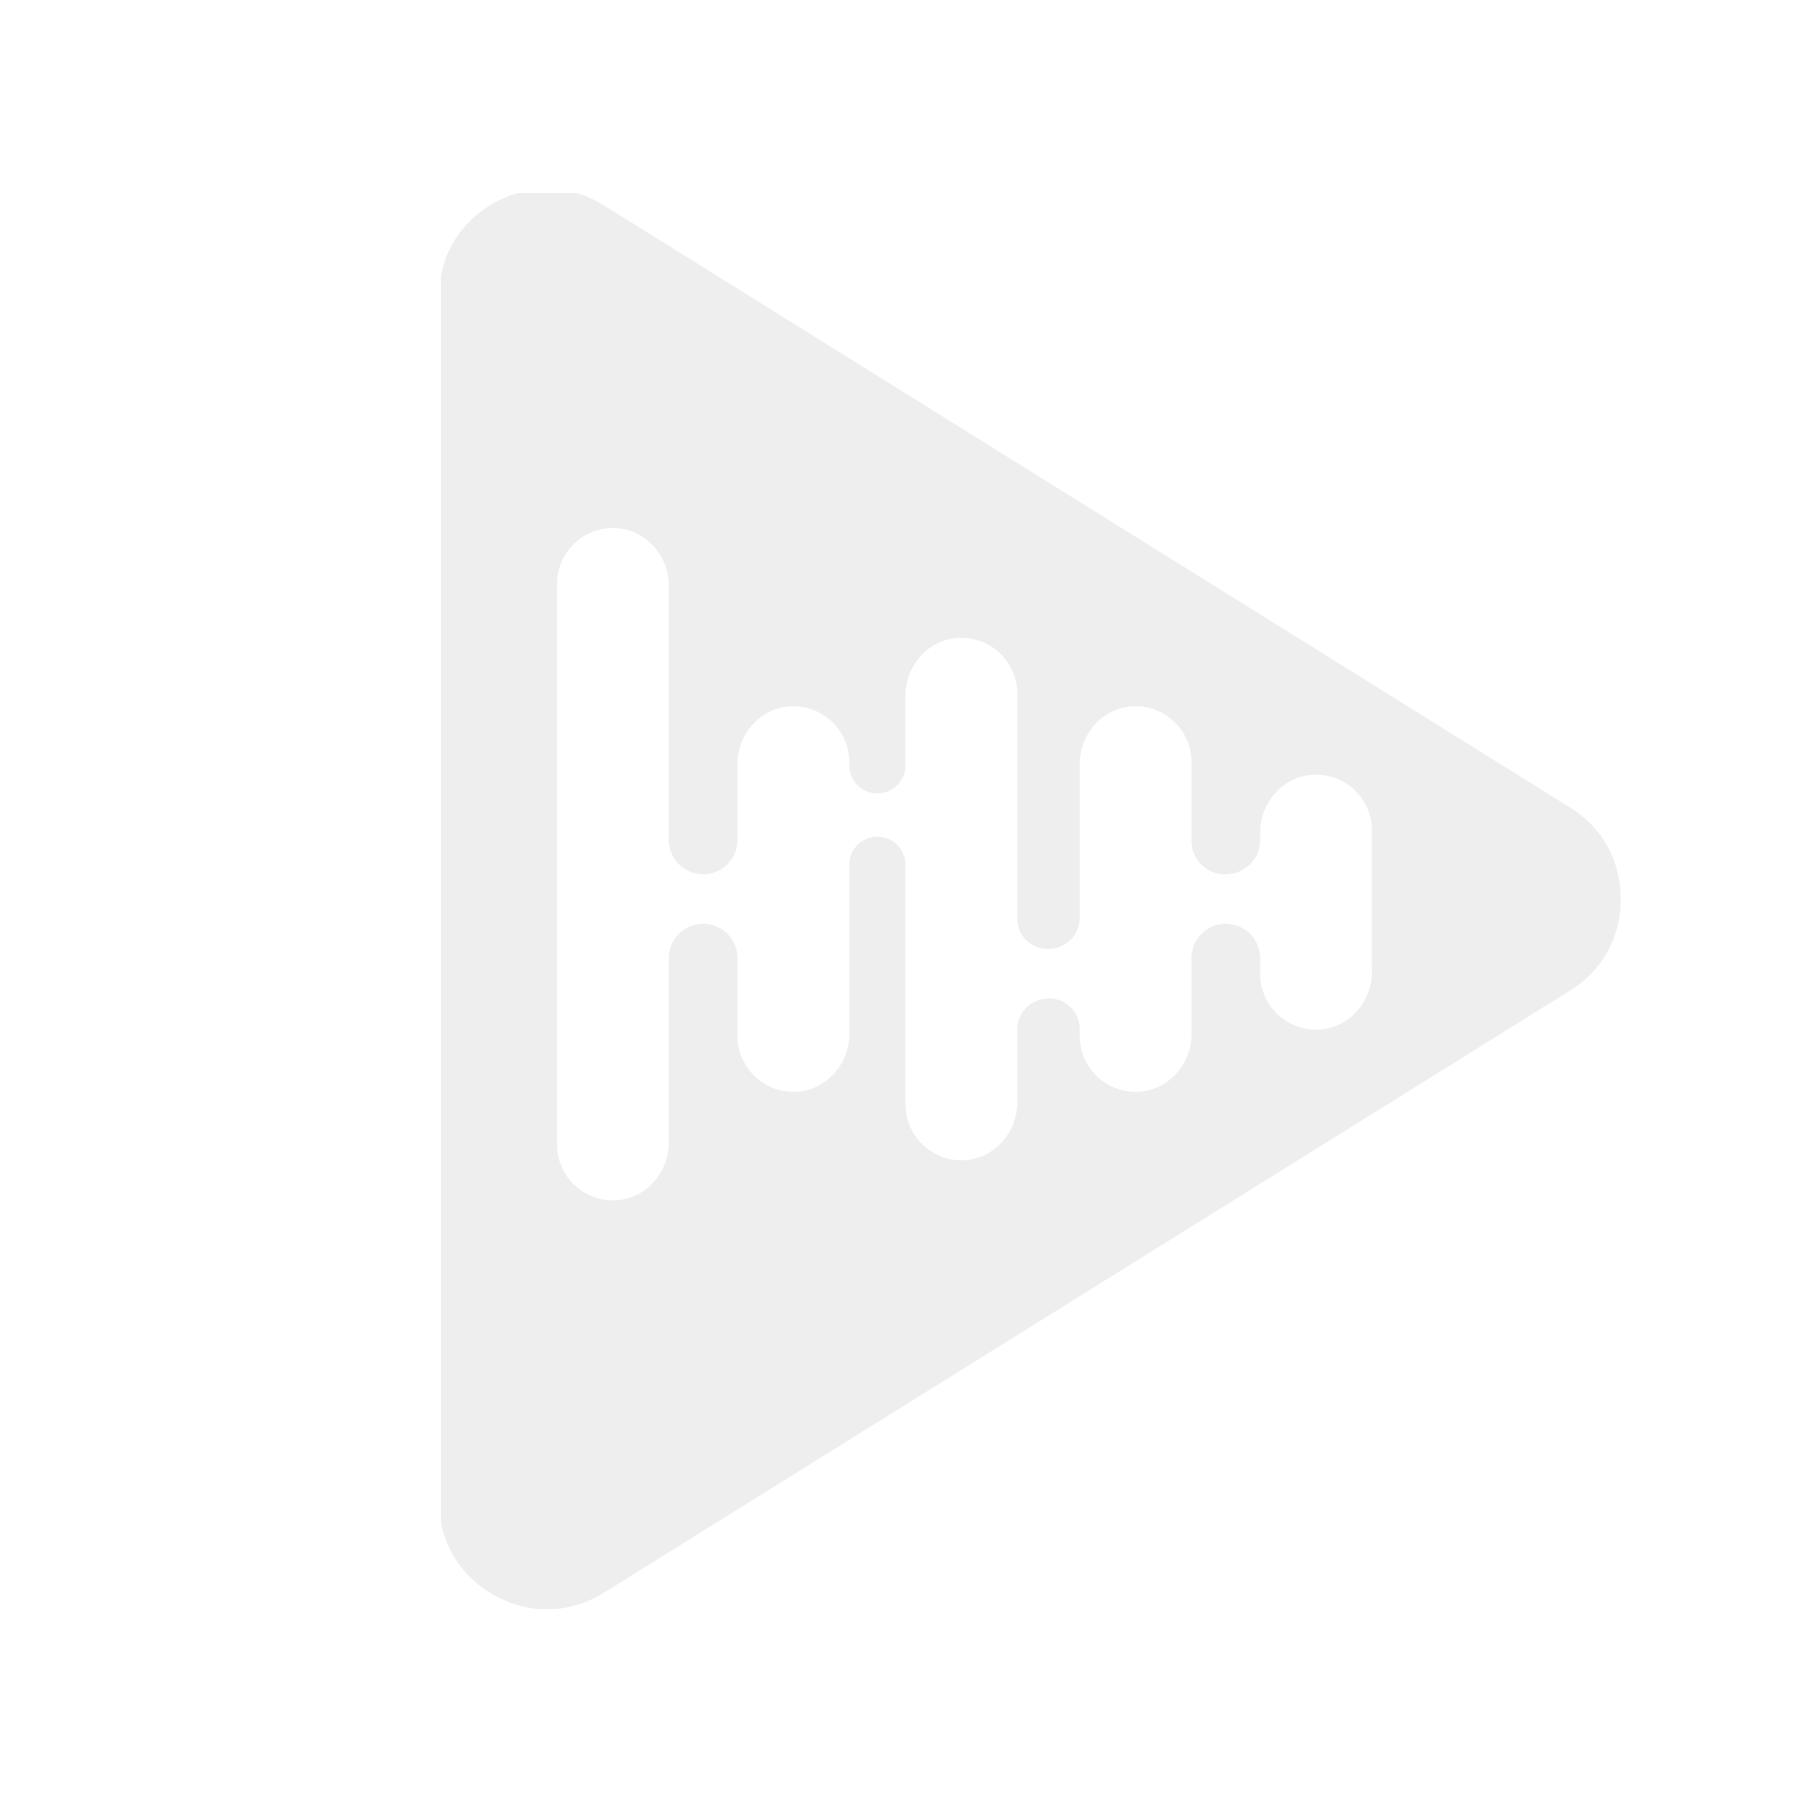 Audison AP SPK OUT 5.9